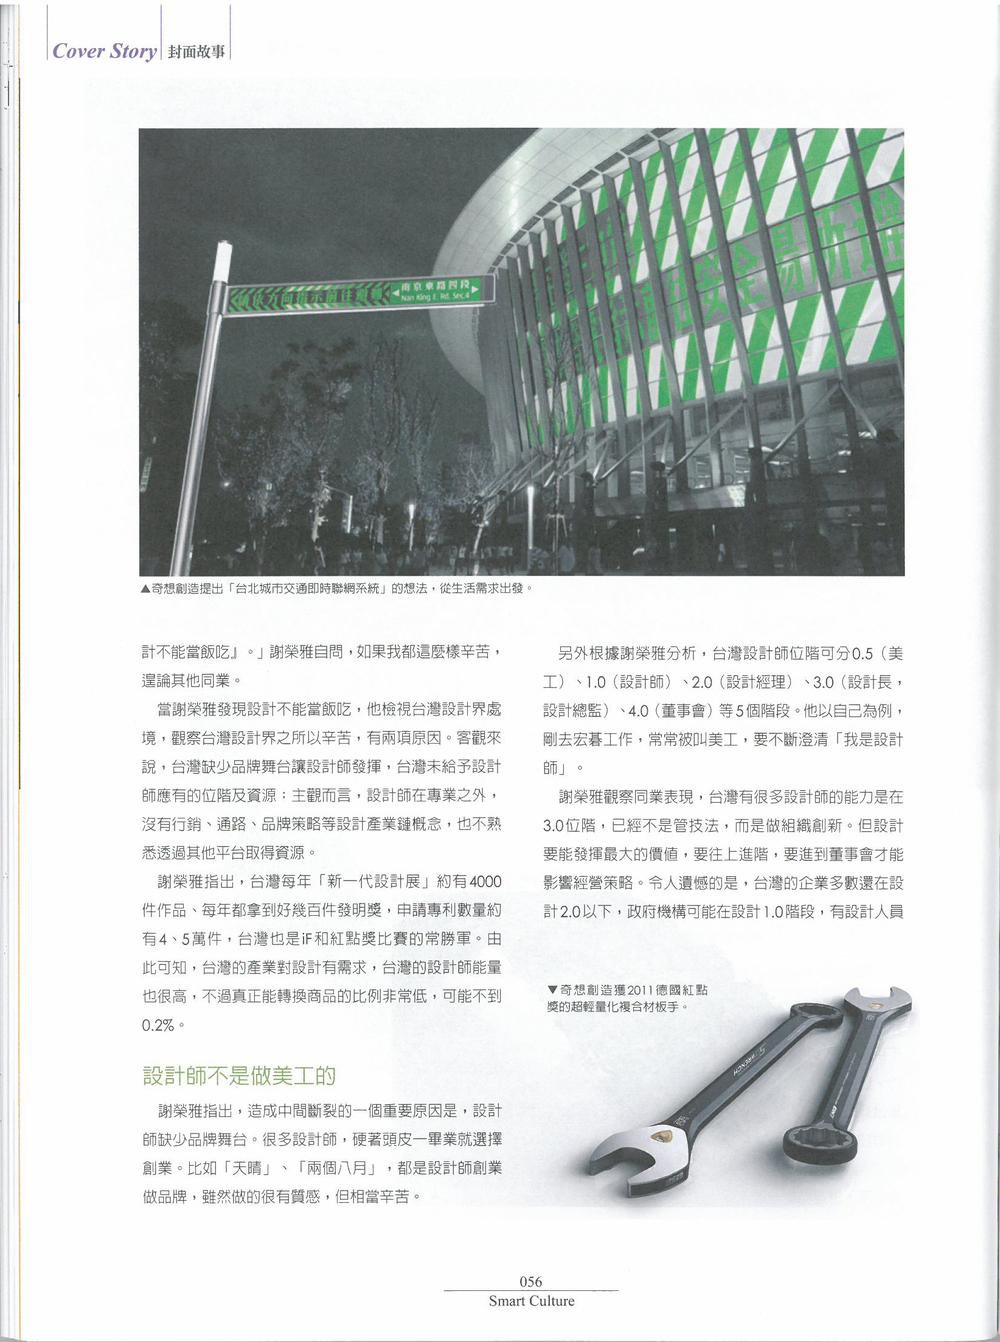 謝榮雅大戰略 設計改變台灣_兩岸文創誌SmartCulture_2015年1月號-4.jpg